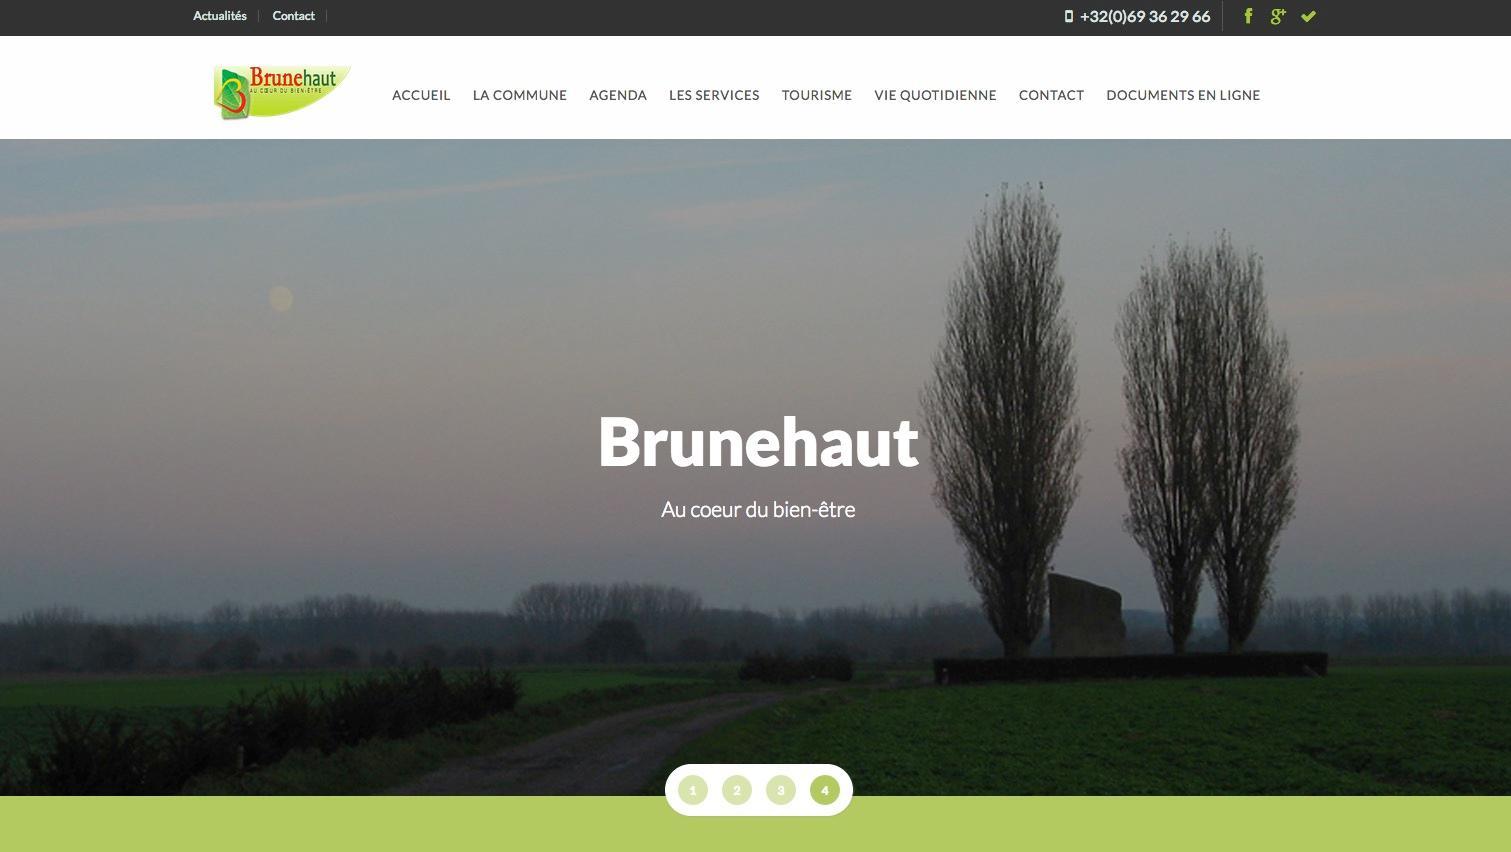 Cure de jouvence pour le site Internet de Brunehaut